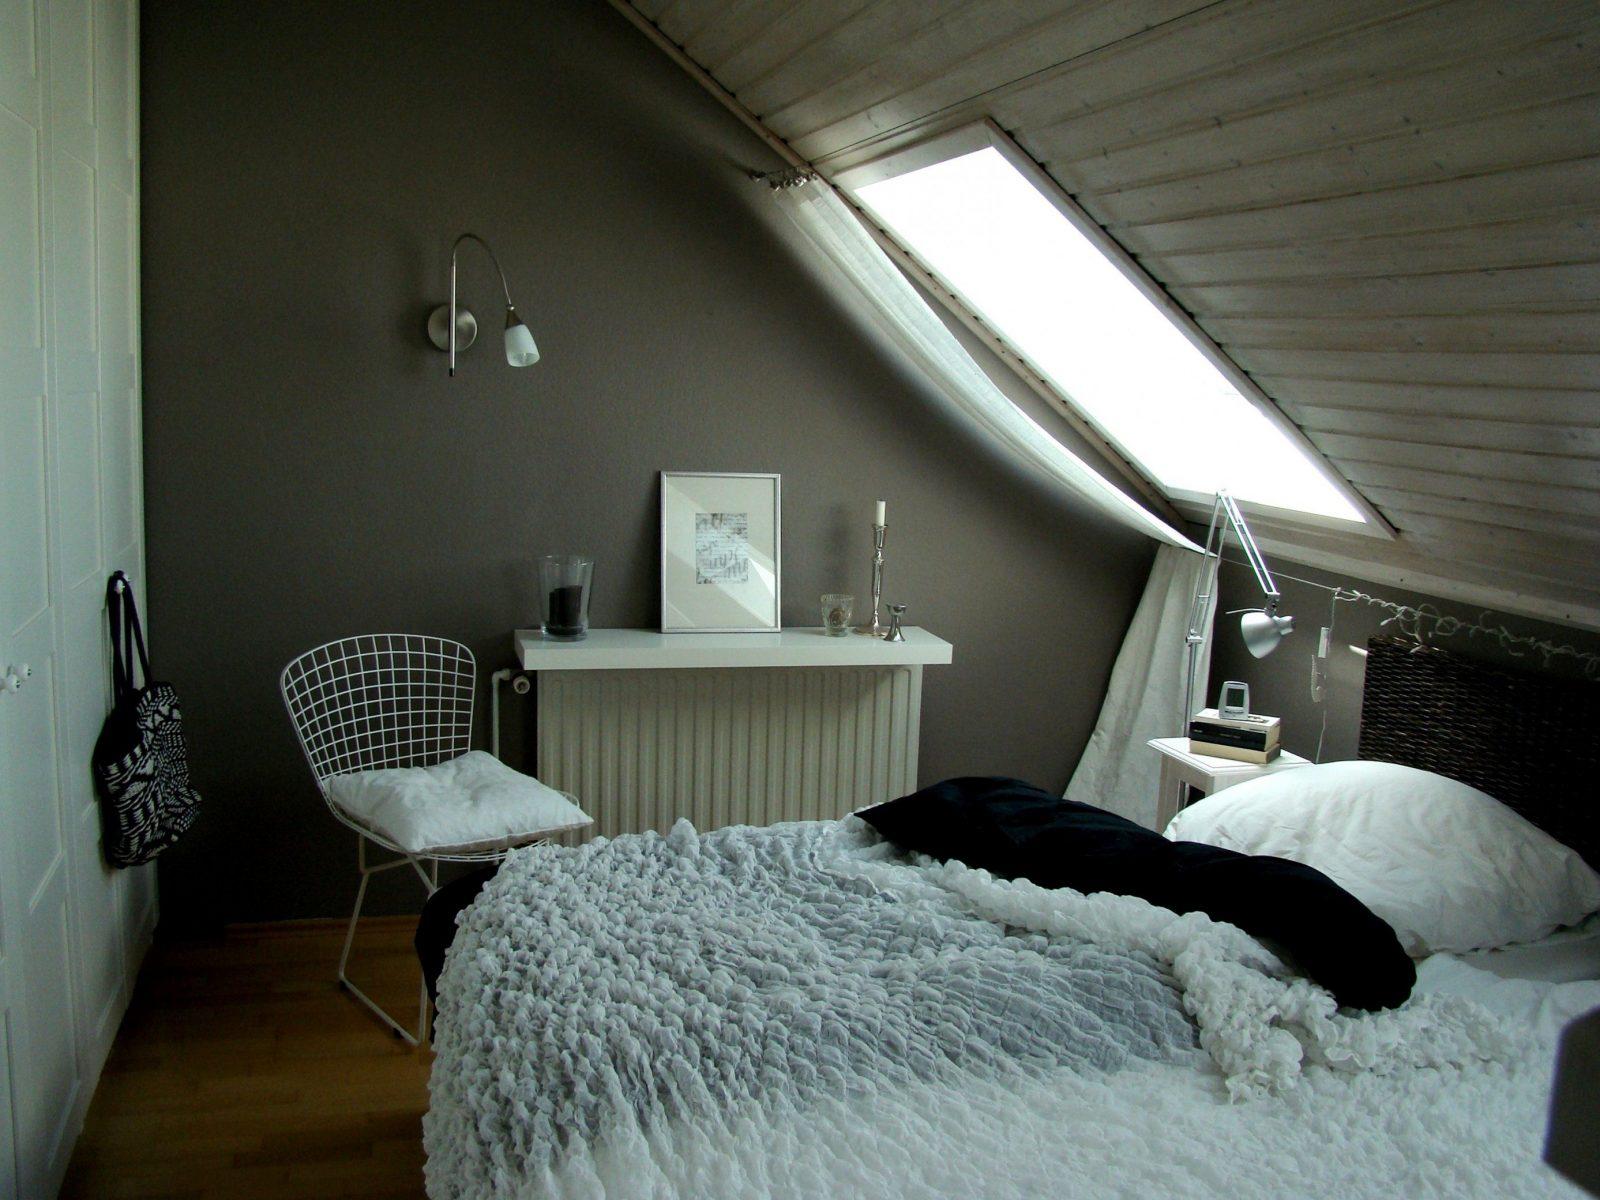 Schlafzimmer Mit Schrägen Wänden Deko von Bilder An Schrägen Wänden Photo